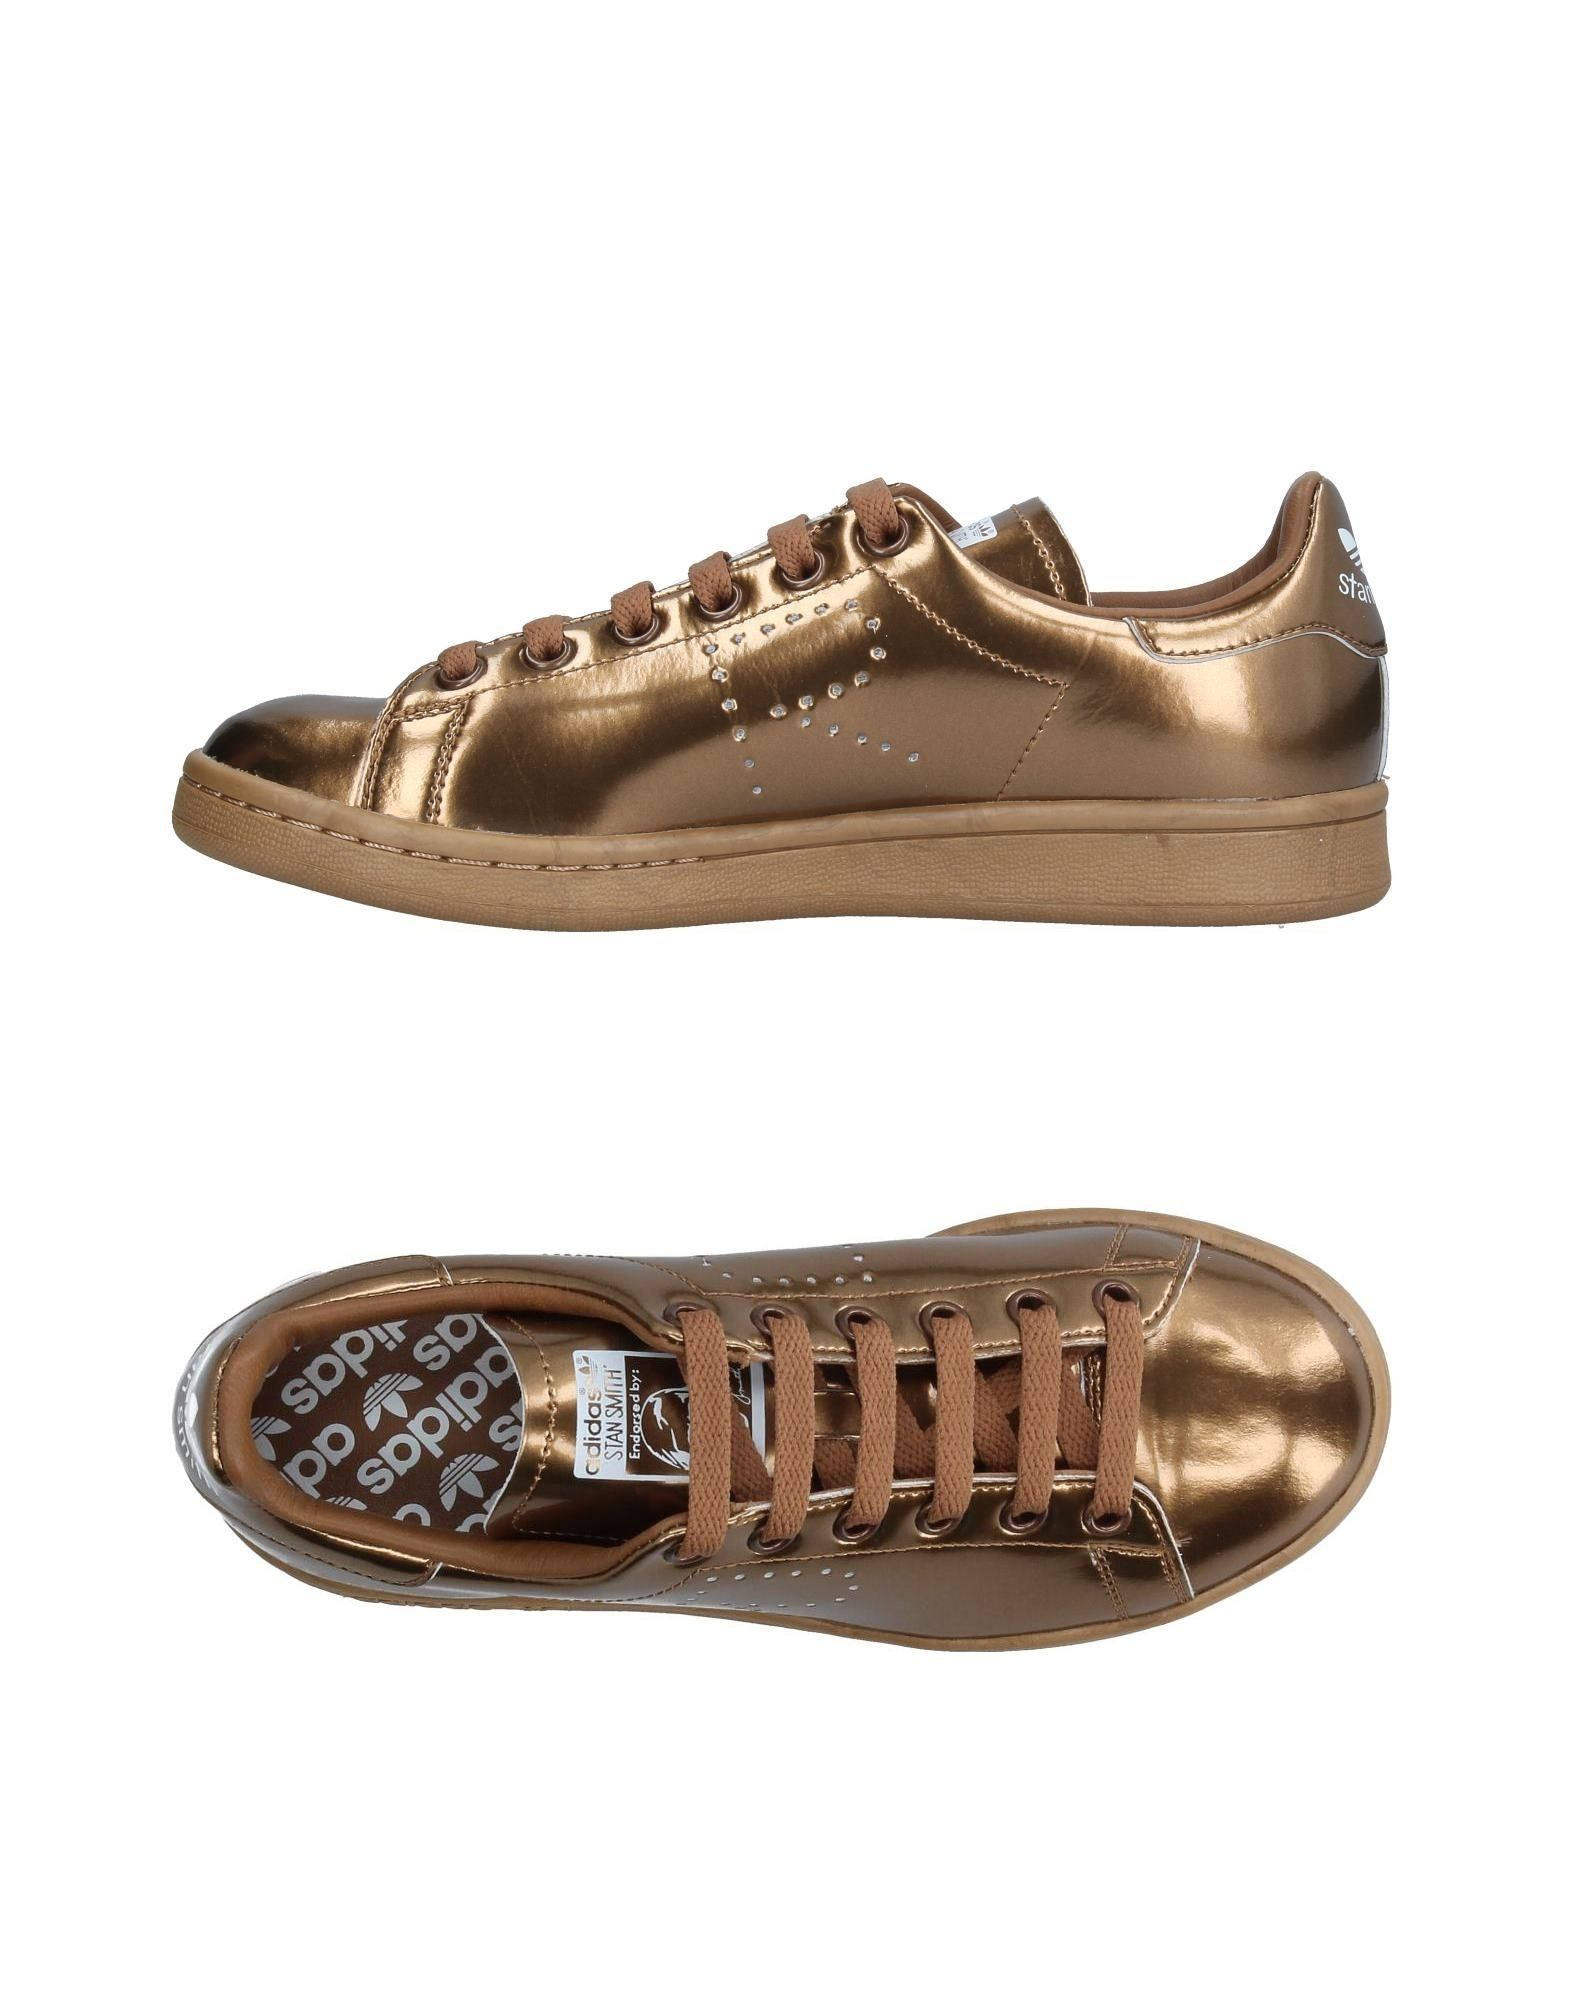 ADIDAS by RAF SIMONS Низкие кеды и кроссовки raf simons x adidas низкие кеды и кроссовки